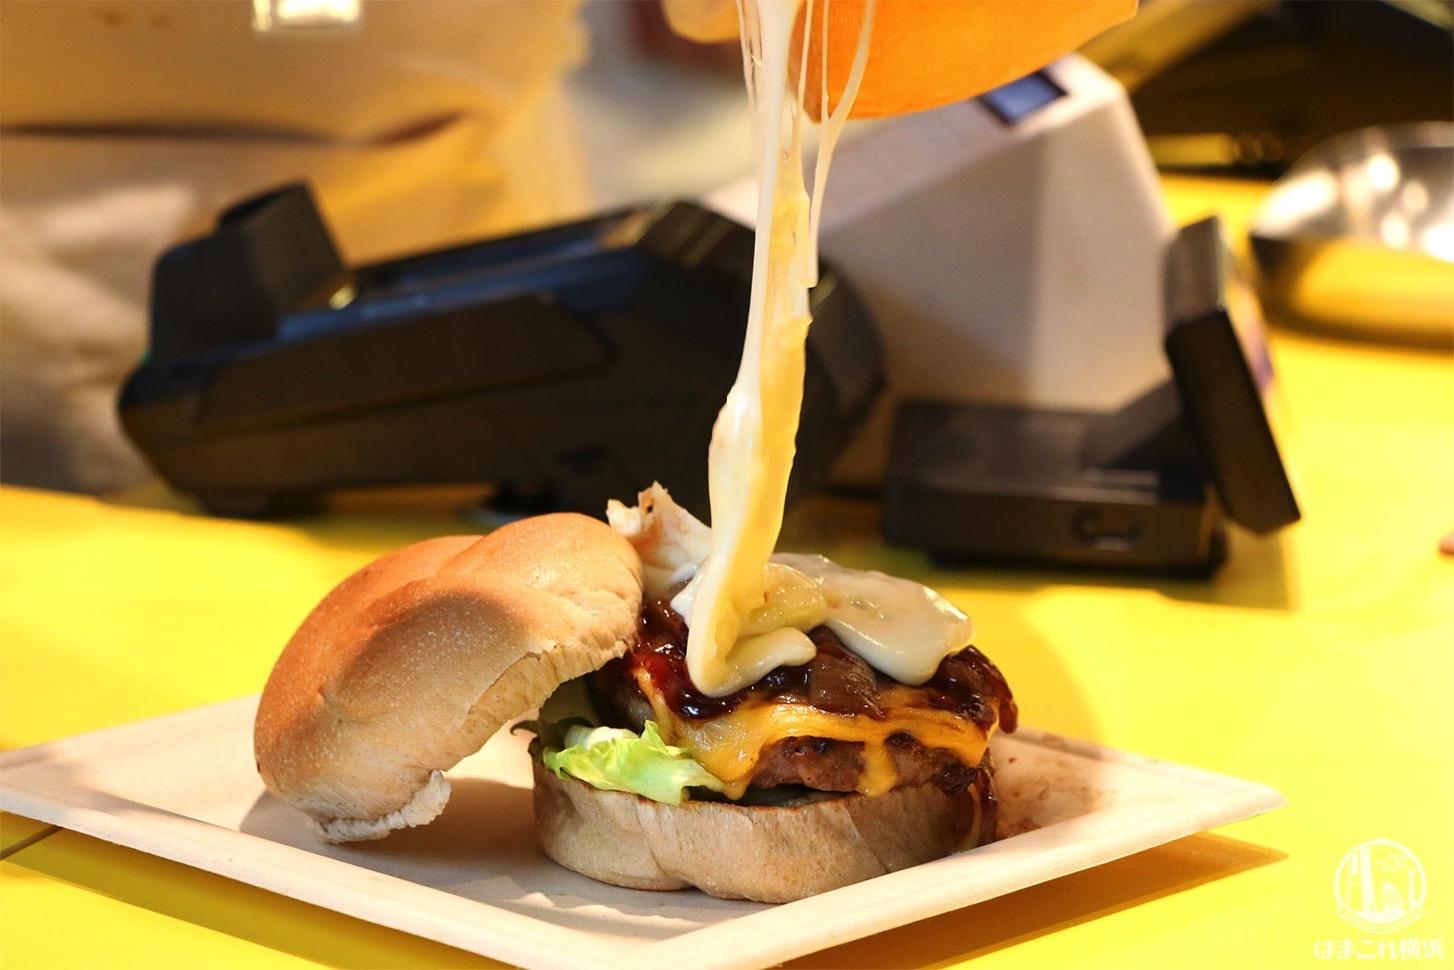 横浜駅 チーズバーガー専門店「ダイゴミバーガー」のラクレットチーズかかるバーガー凄すぎた!